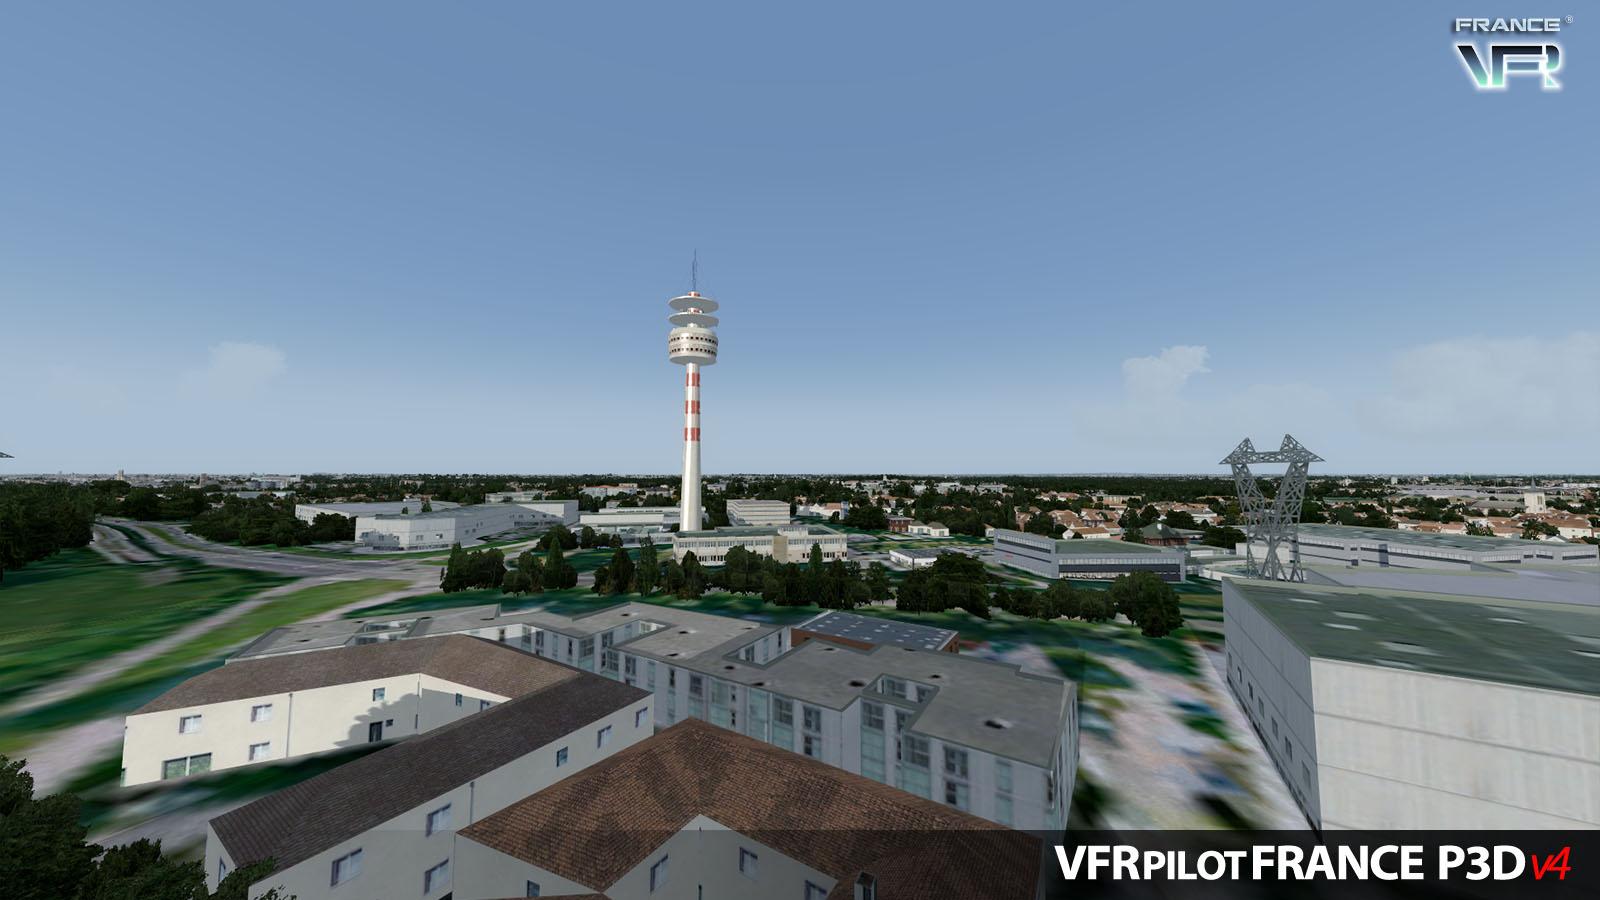 VFRFRAP3D_19